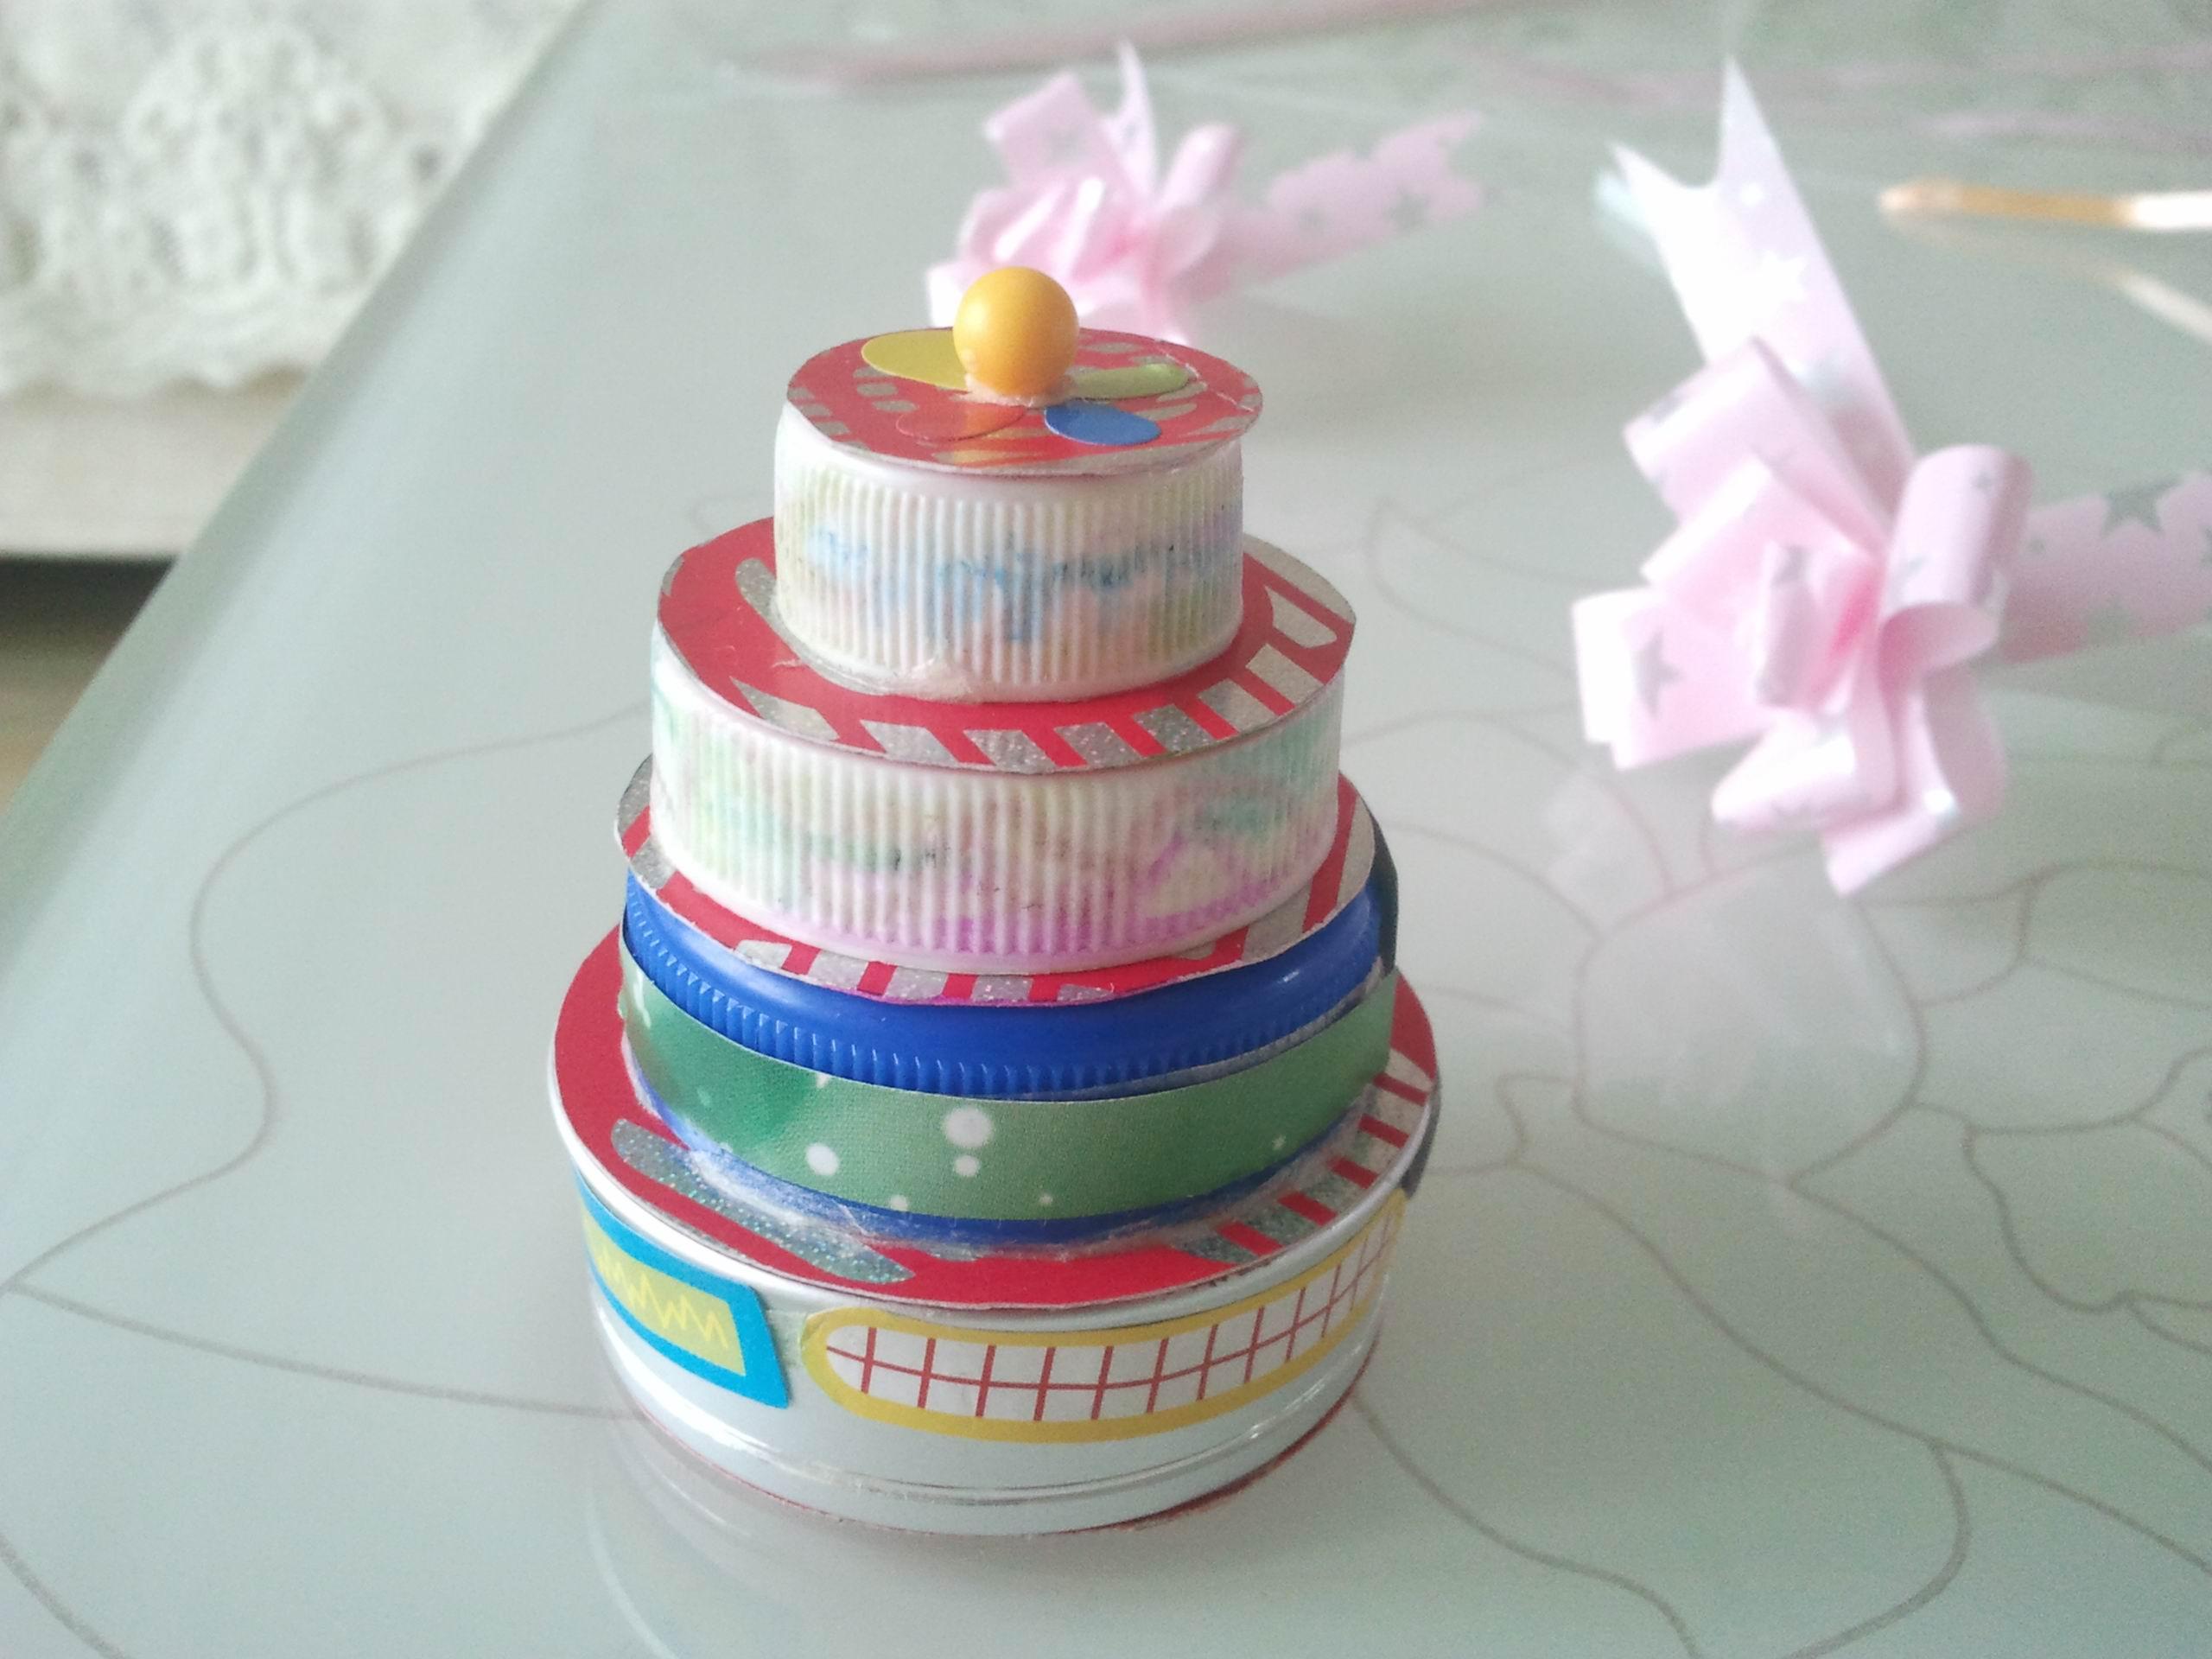 手工制作生日贺卡及生日蛋糕,为朋友送上祝福!